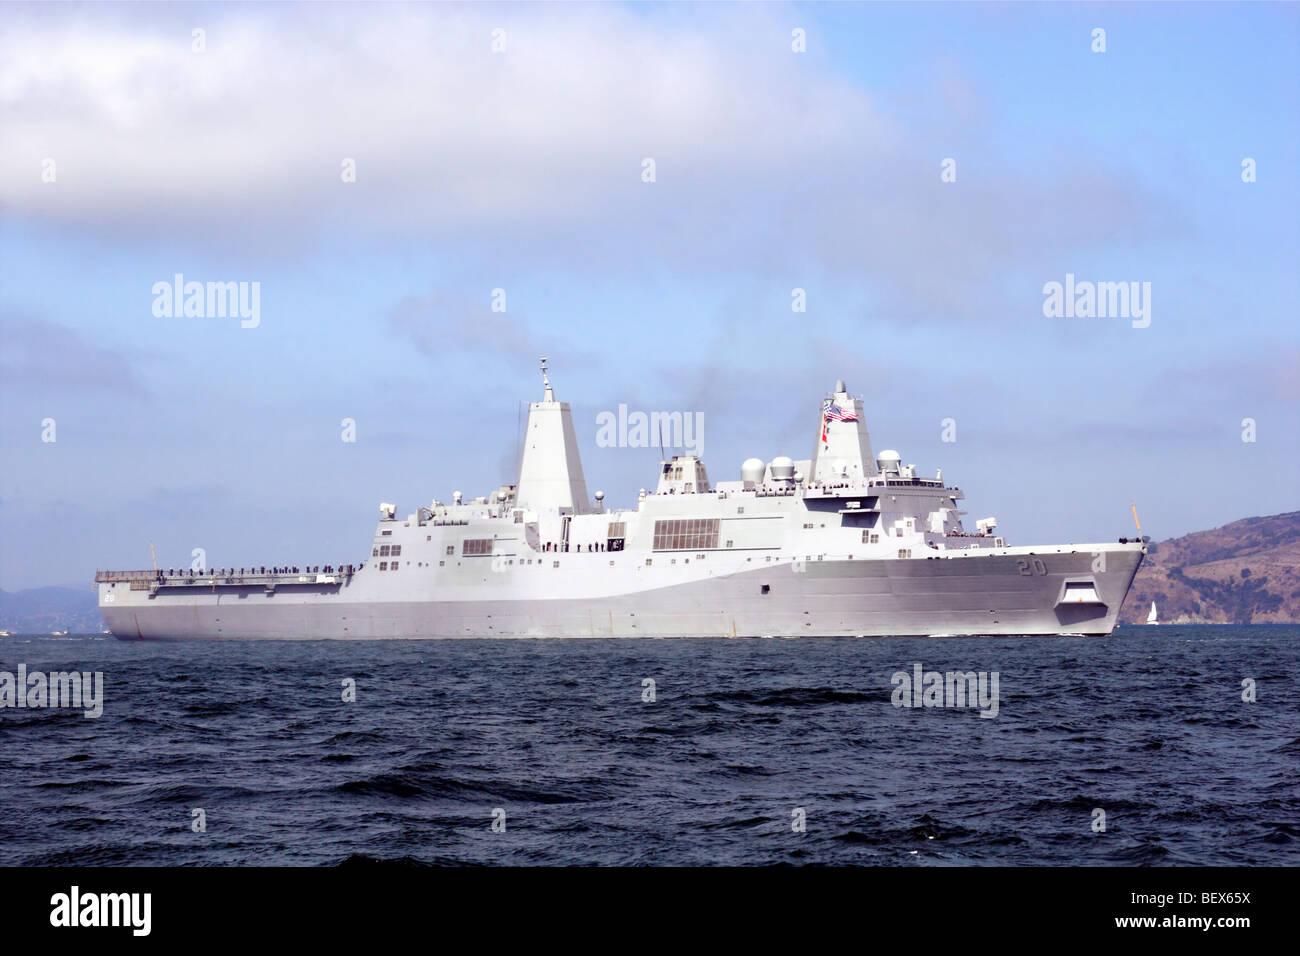 USS Green Bay (LPD-20), una clase de San Antonio transporte anfibio dock, entra en la Bahía de San Francisco durante la Semana de la flota de 2009 Foto de stock